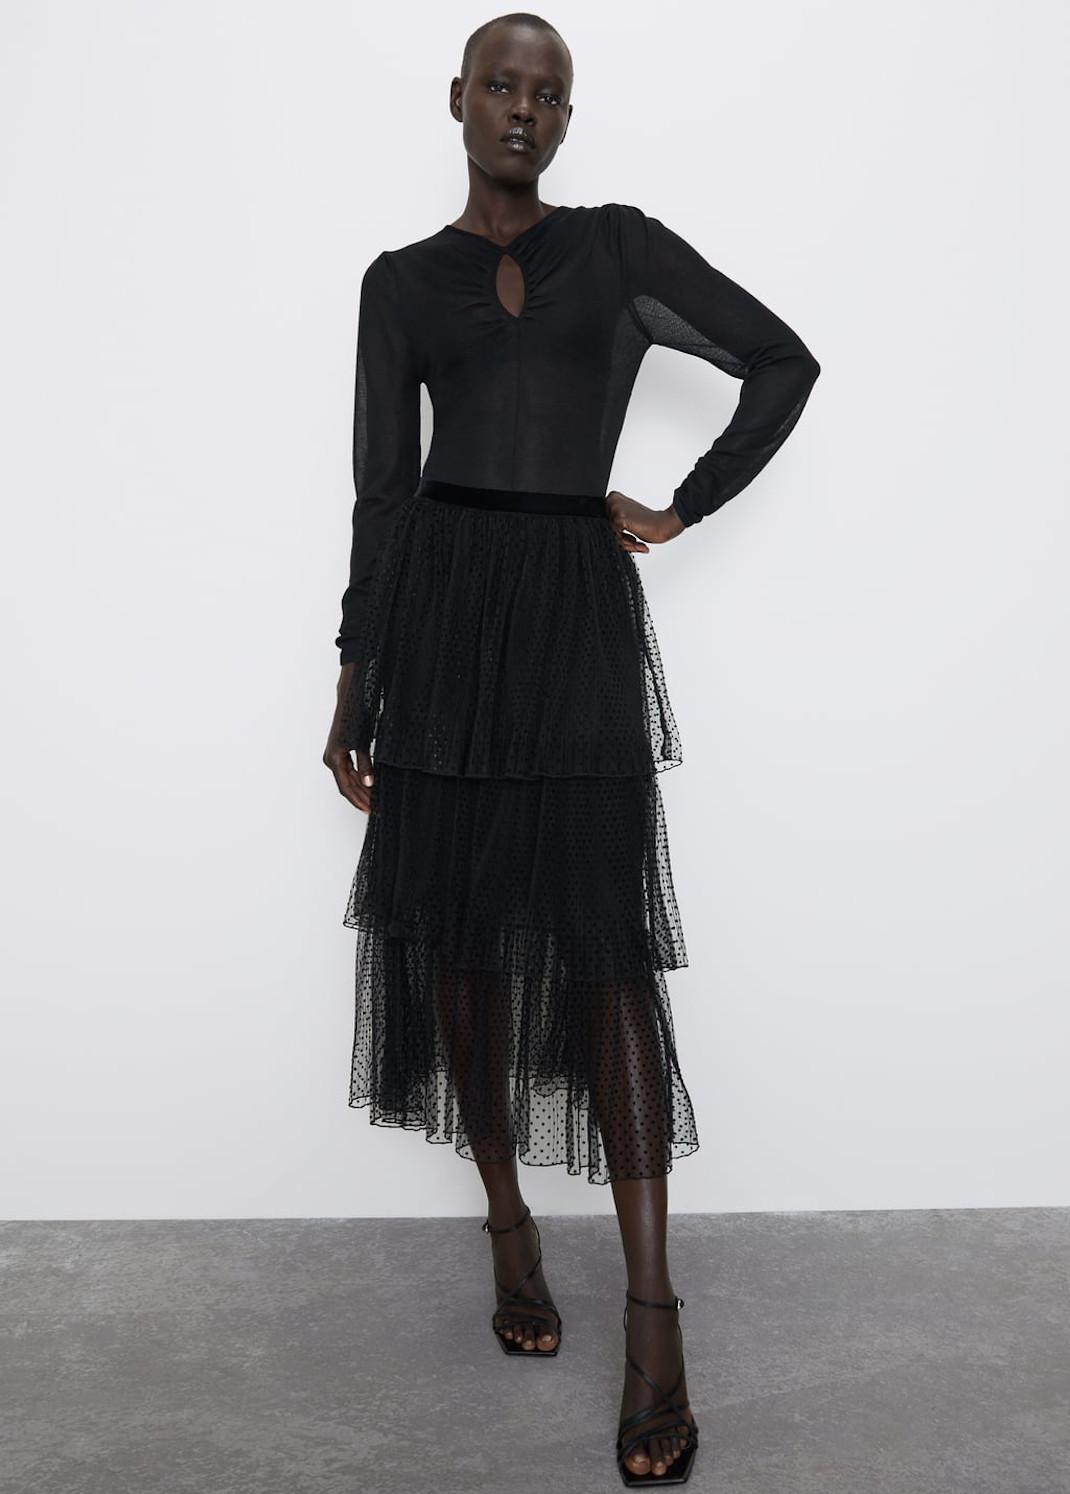 γυναίκα με φούστα από τη νέα συλλογή Zara